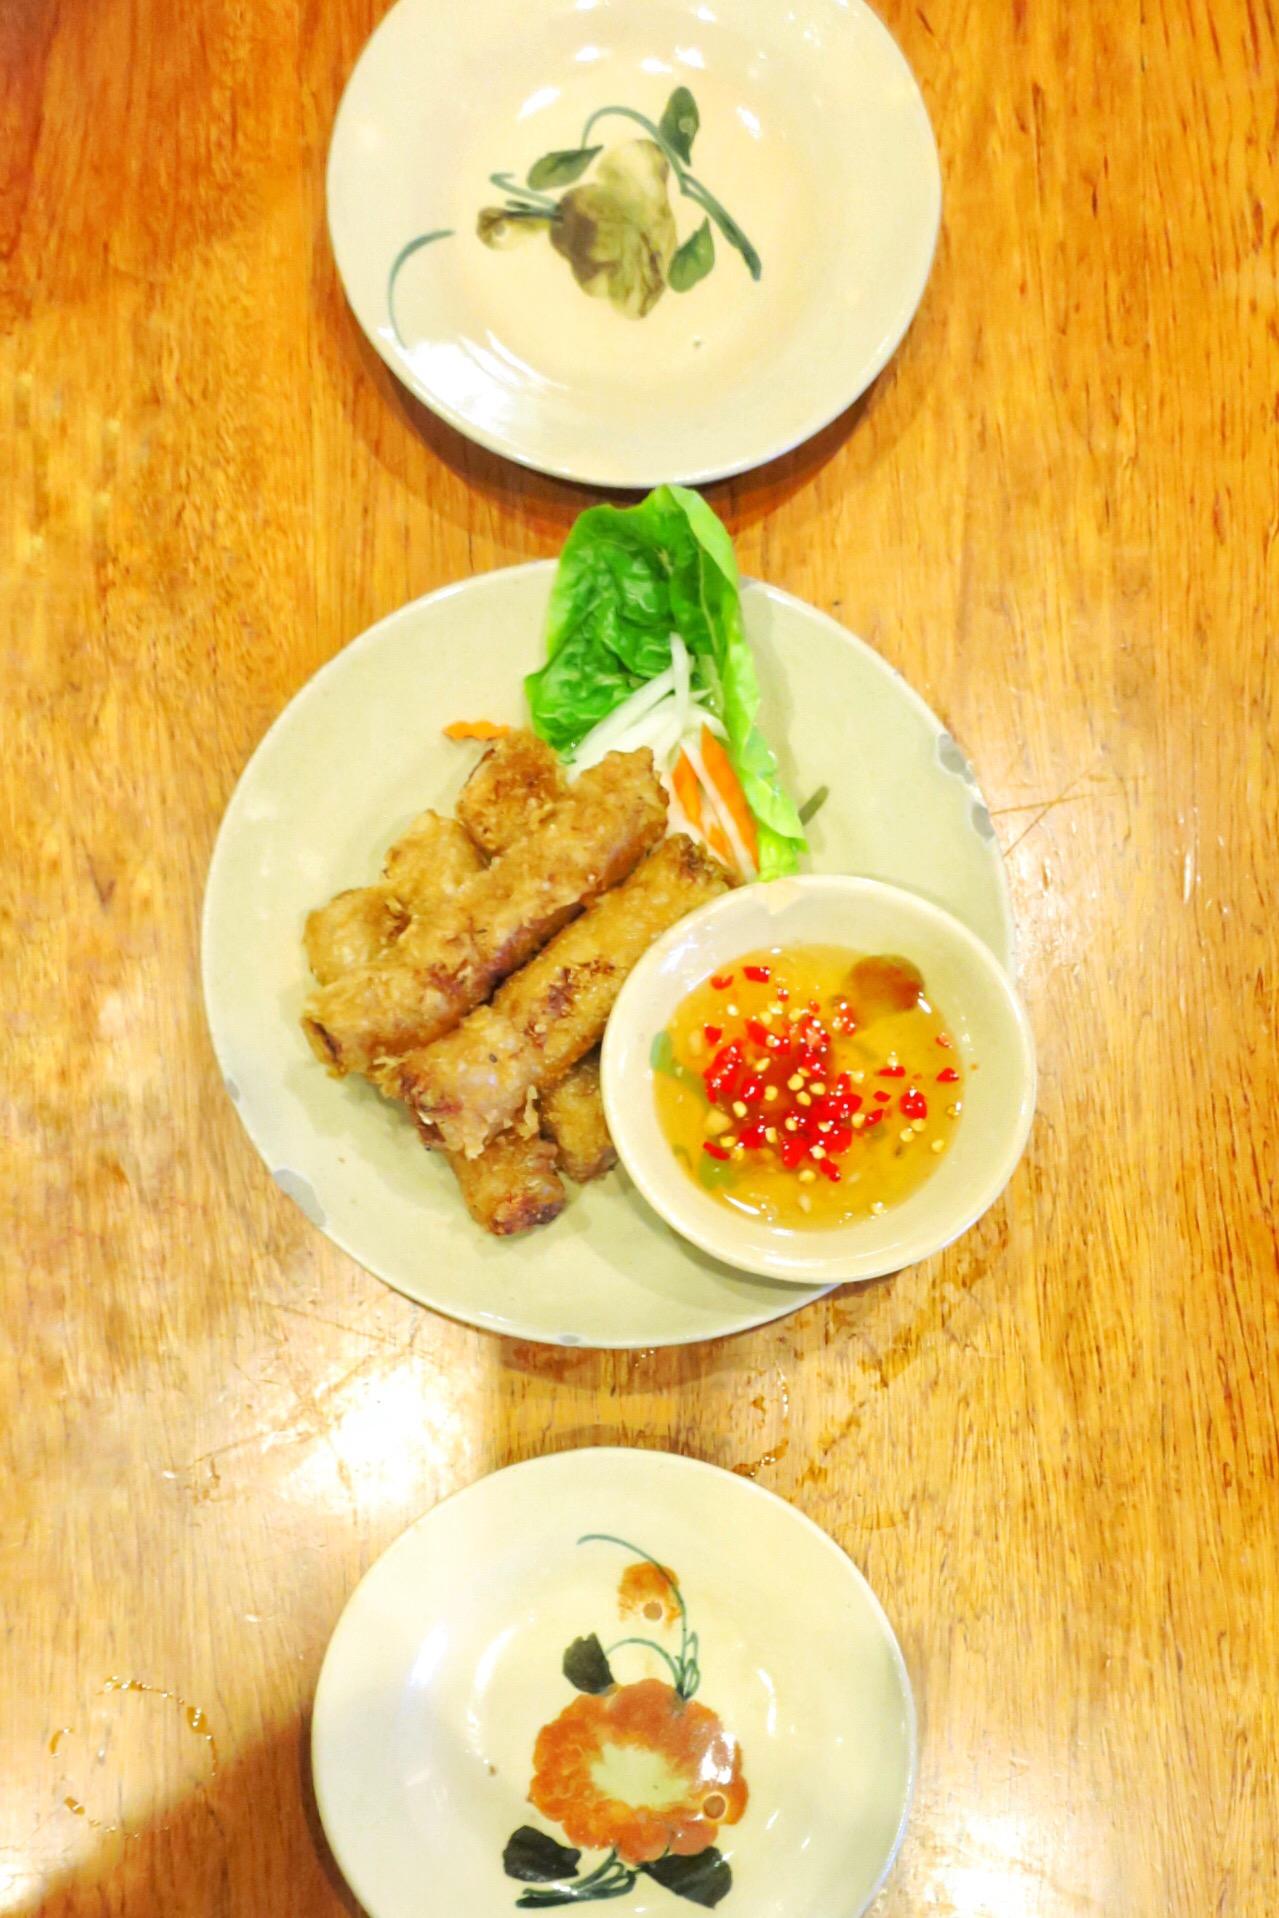 【シンガポール】揚げ春巻きと麺料理が◎!ベトナム料理店 Moc Quan